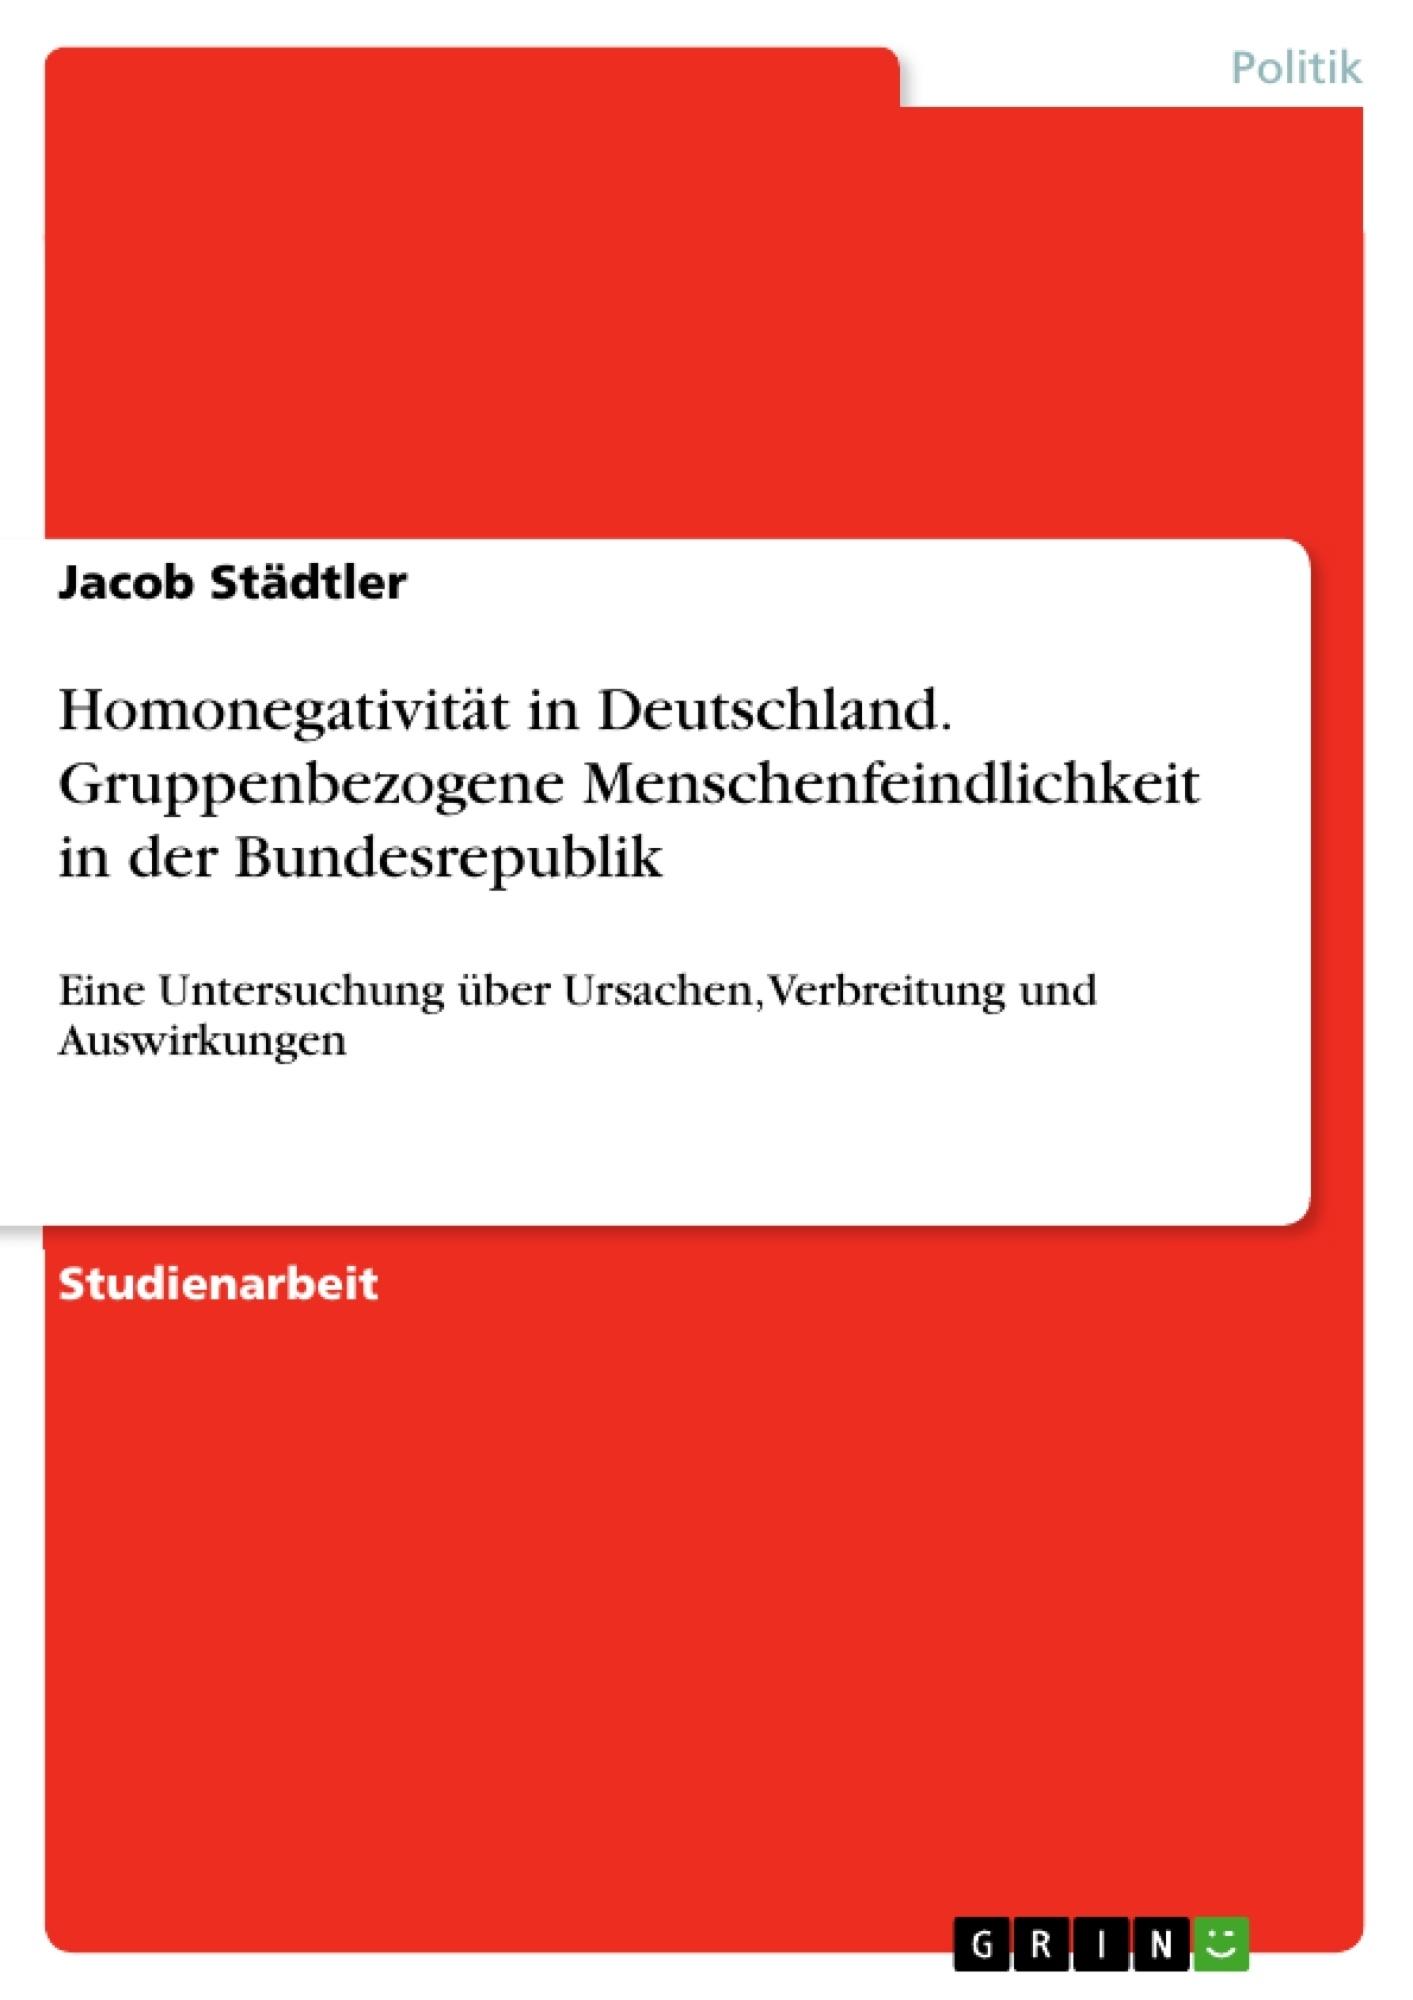 Titel: Homonegativität in Deutschland. Gruppenbezogene Menschenfeindlichkeit in der Bundesrepublik